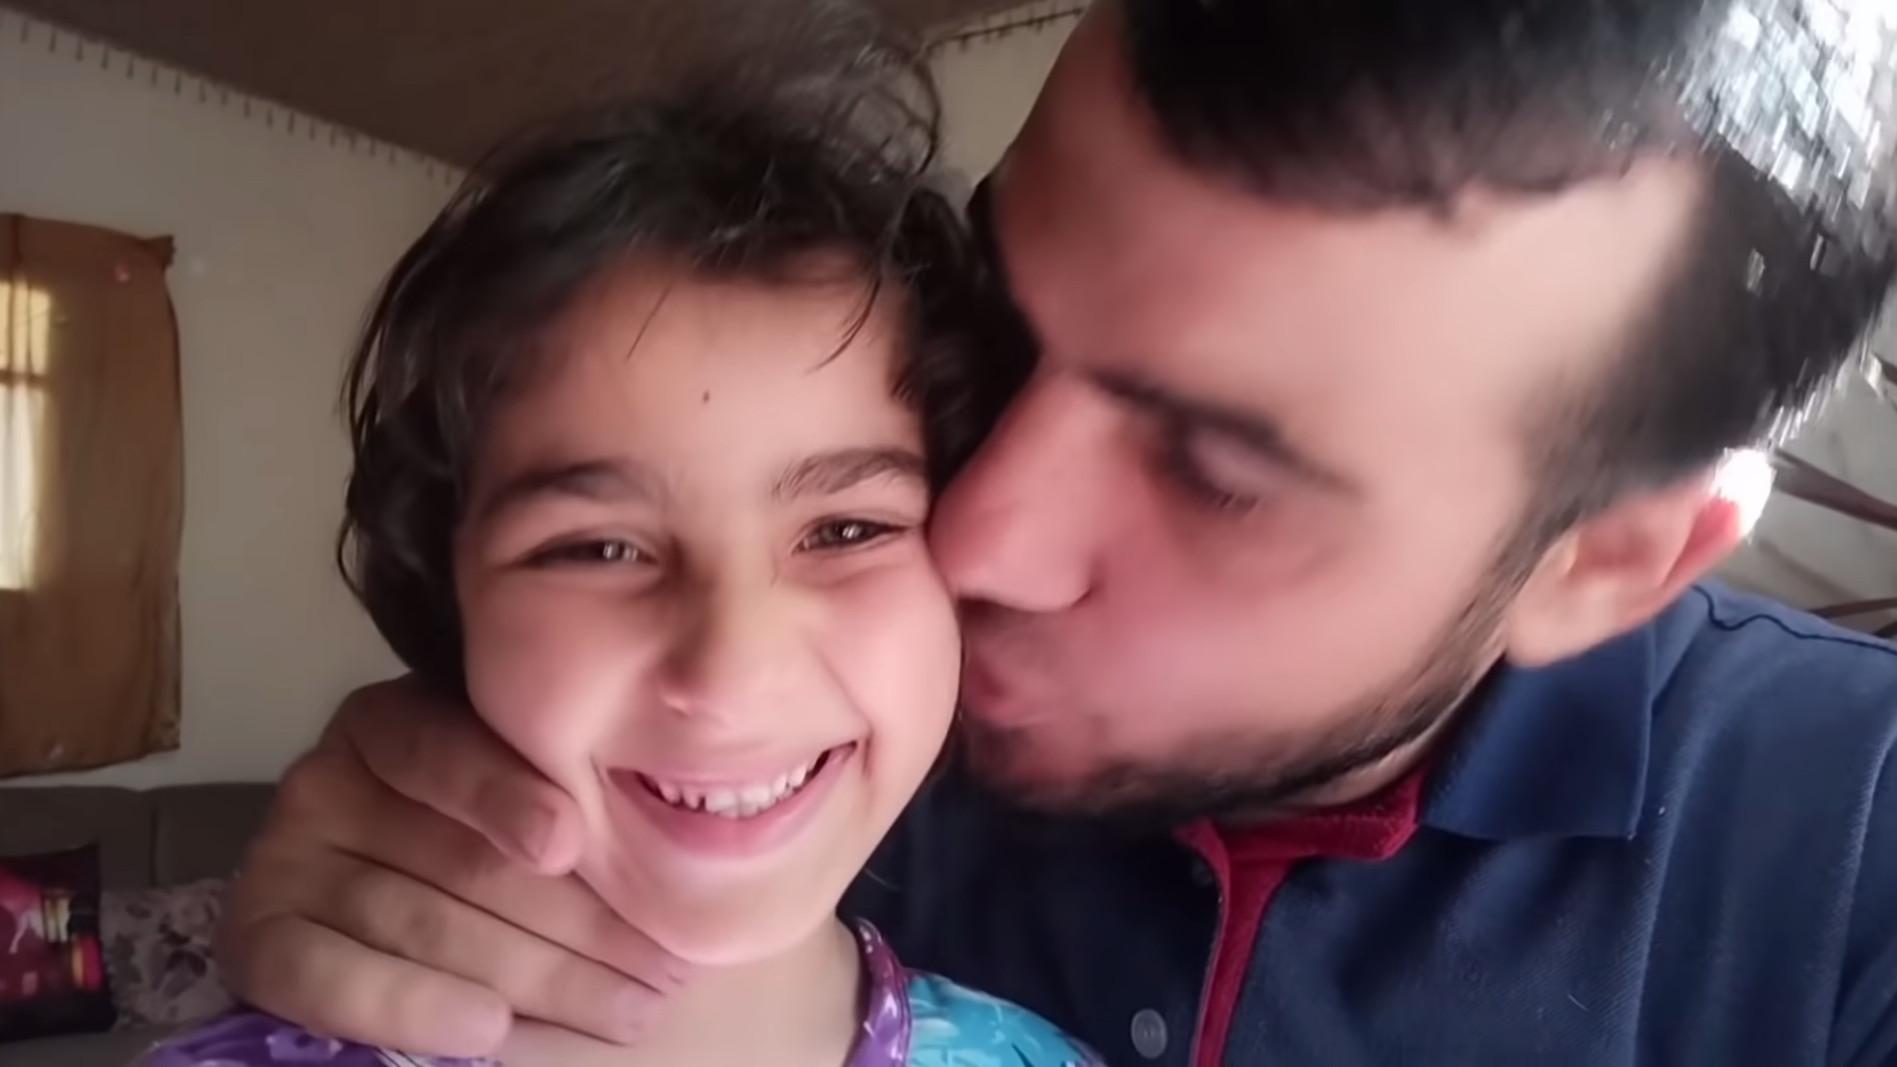 ▲▼來自巴勒斯坦的父親曼西生前仍試圖安撫被戰火嚇壞的女兒。(圖/翻攝自Youtube@سارة وهالة ستارز)